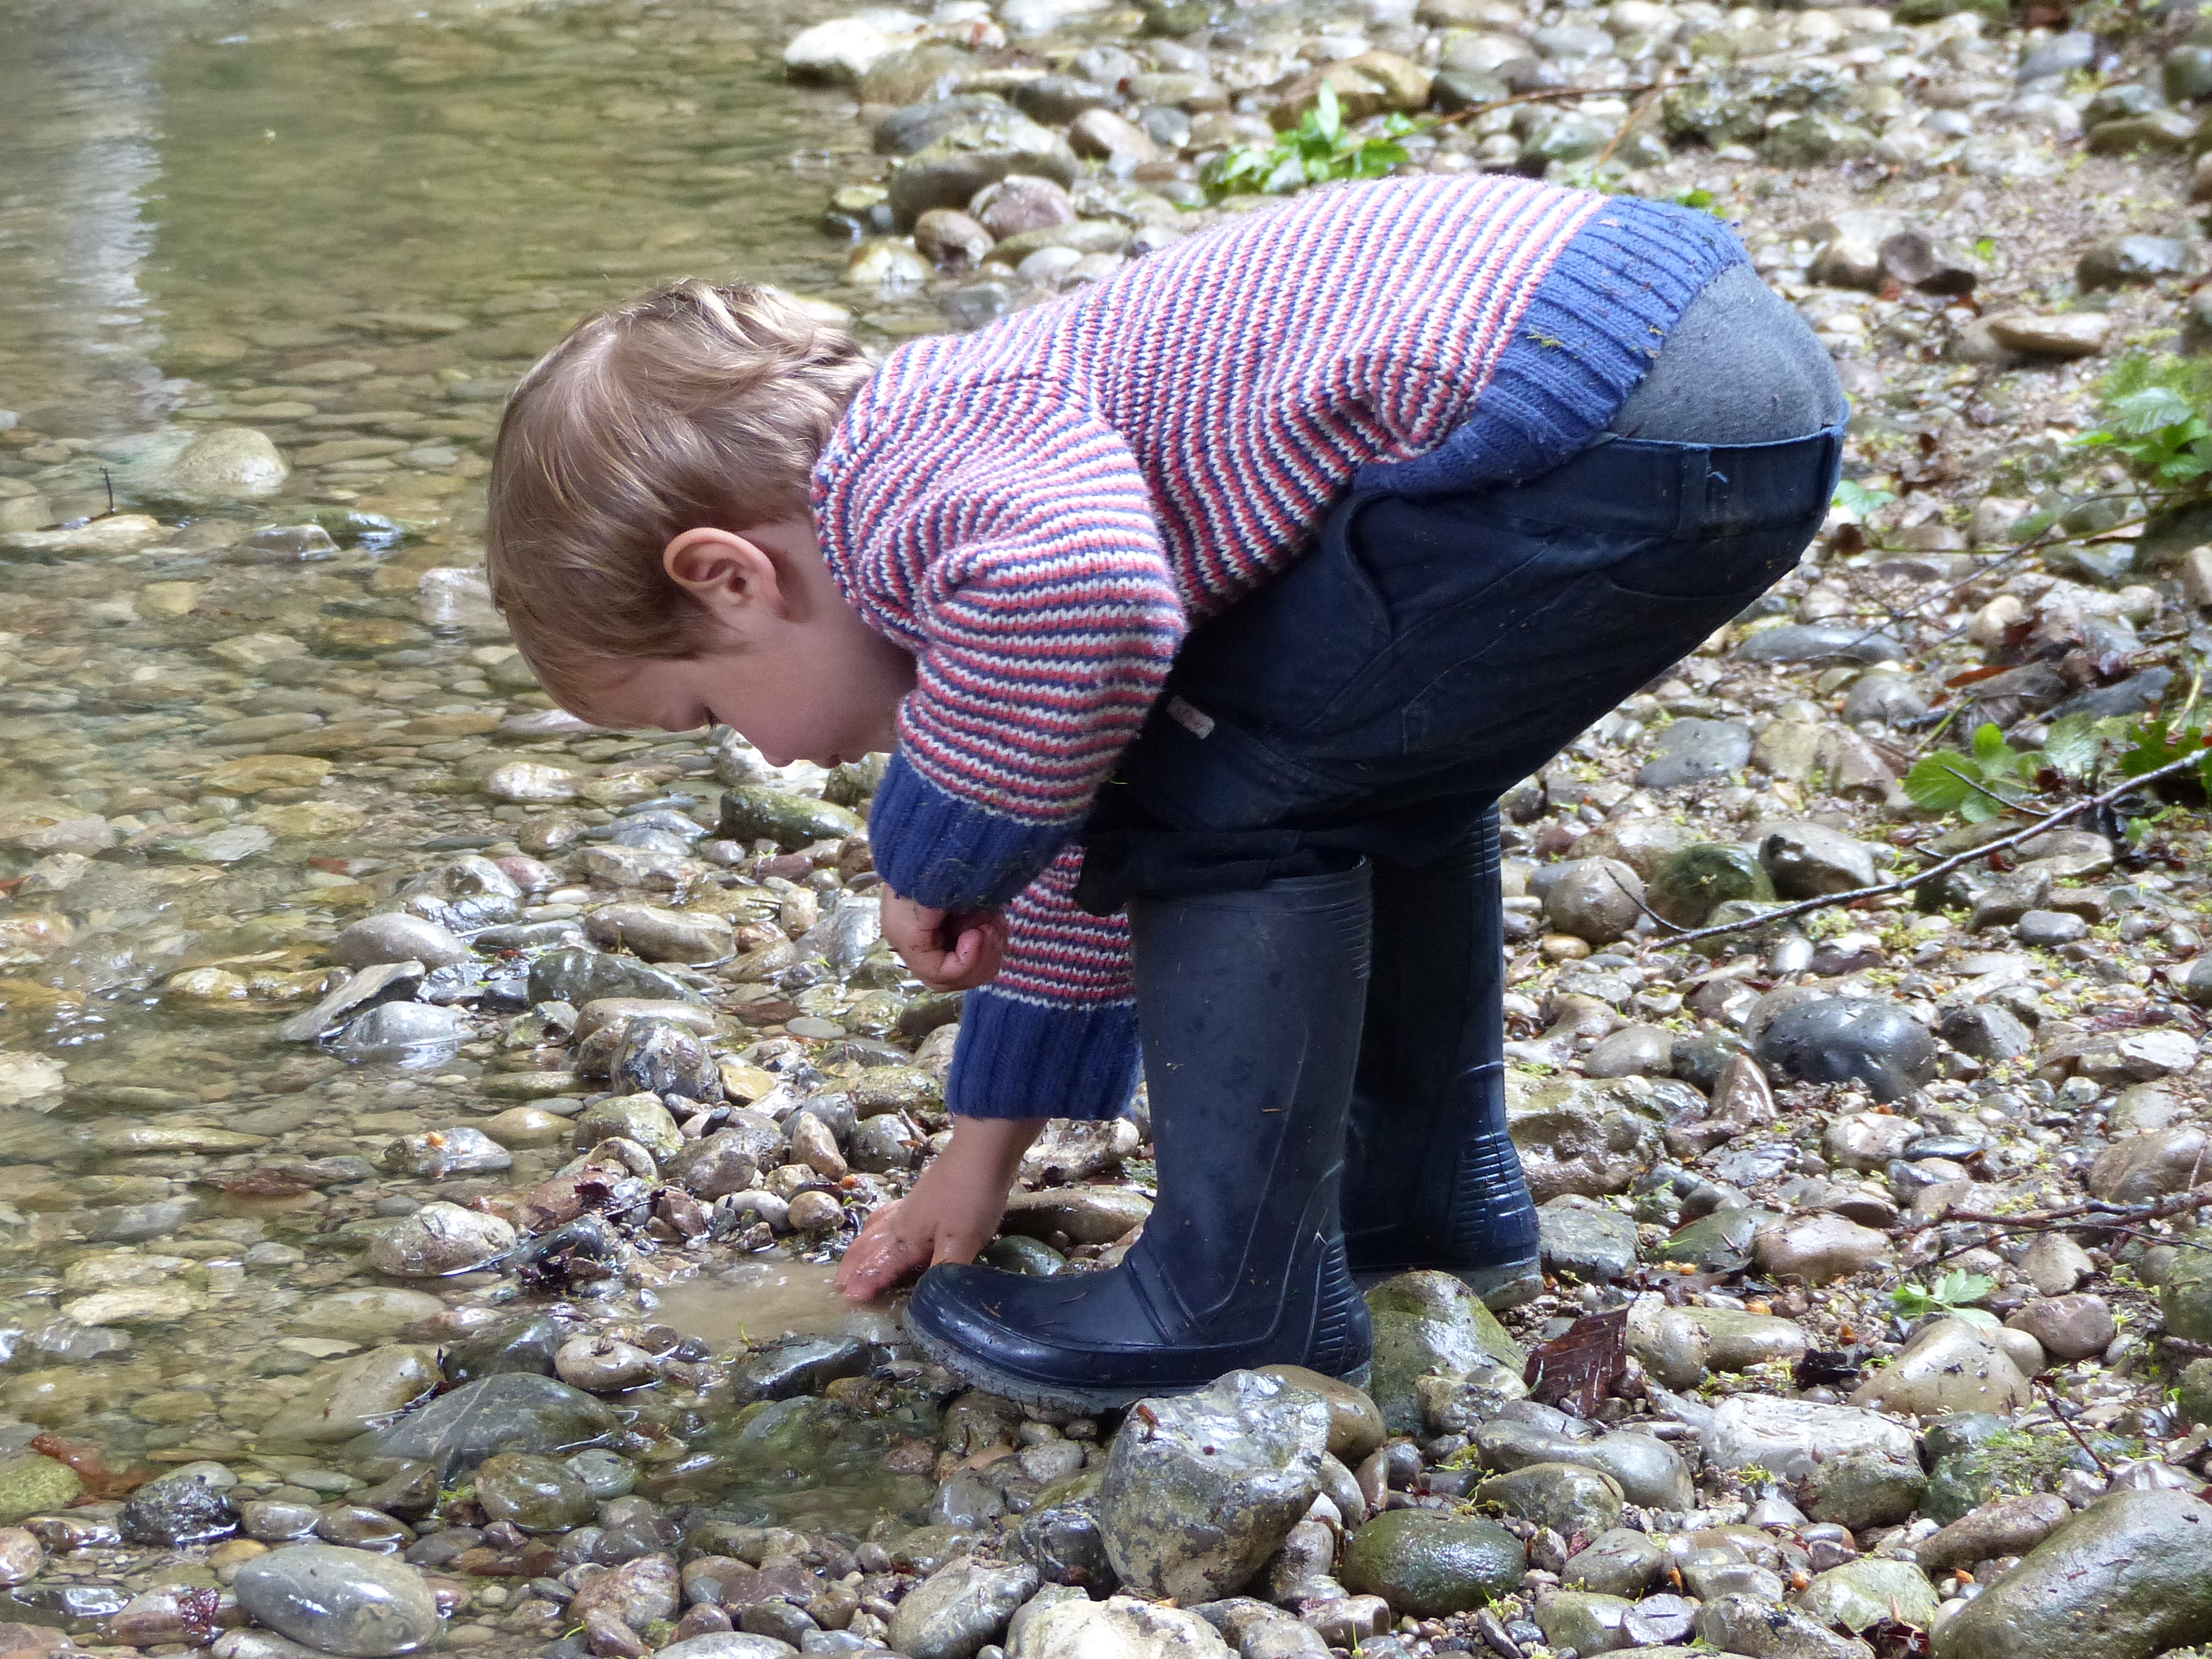 Jedes Fundstück ist selbst entdeckt und selbst ausgesucht und das Kind erfährt dadurch ein Stück Selbstwirksamkeit